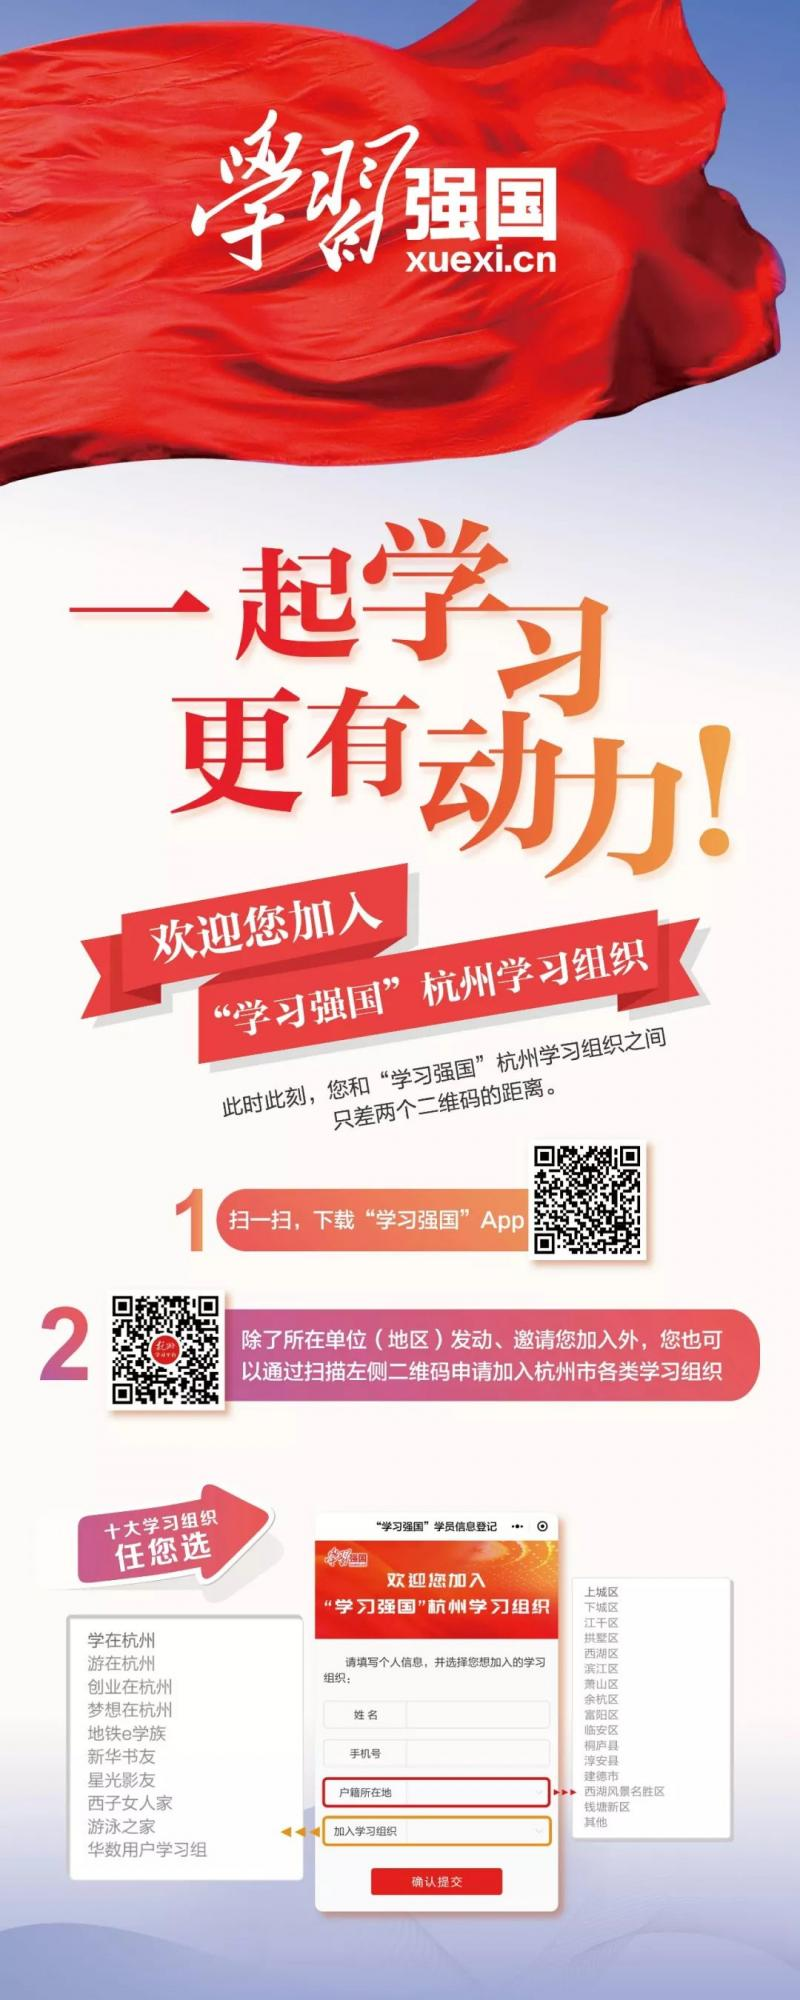 """现在加入""""学习强国""""杭州学习组织,超多福利等你来领!"""